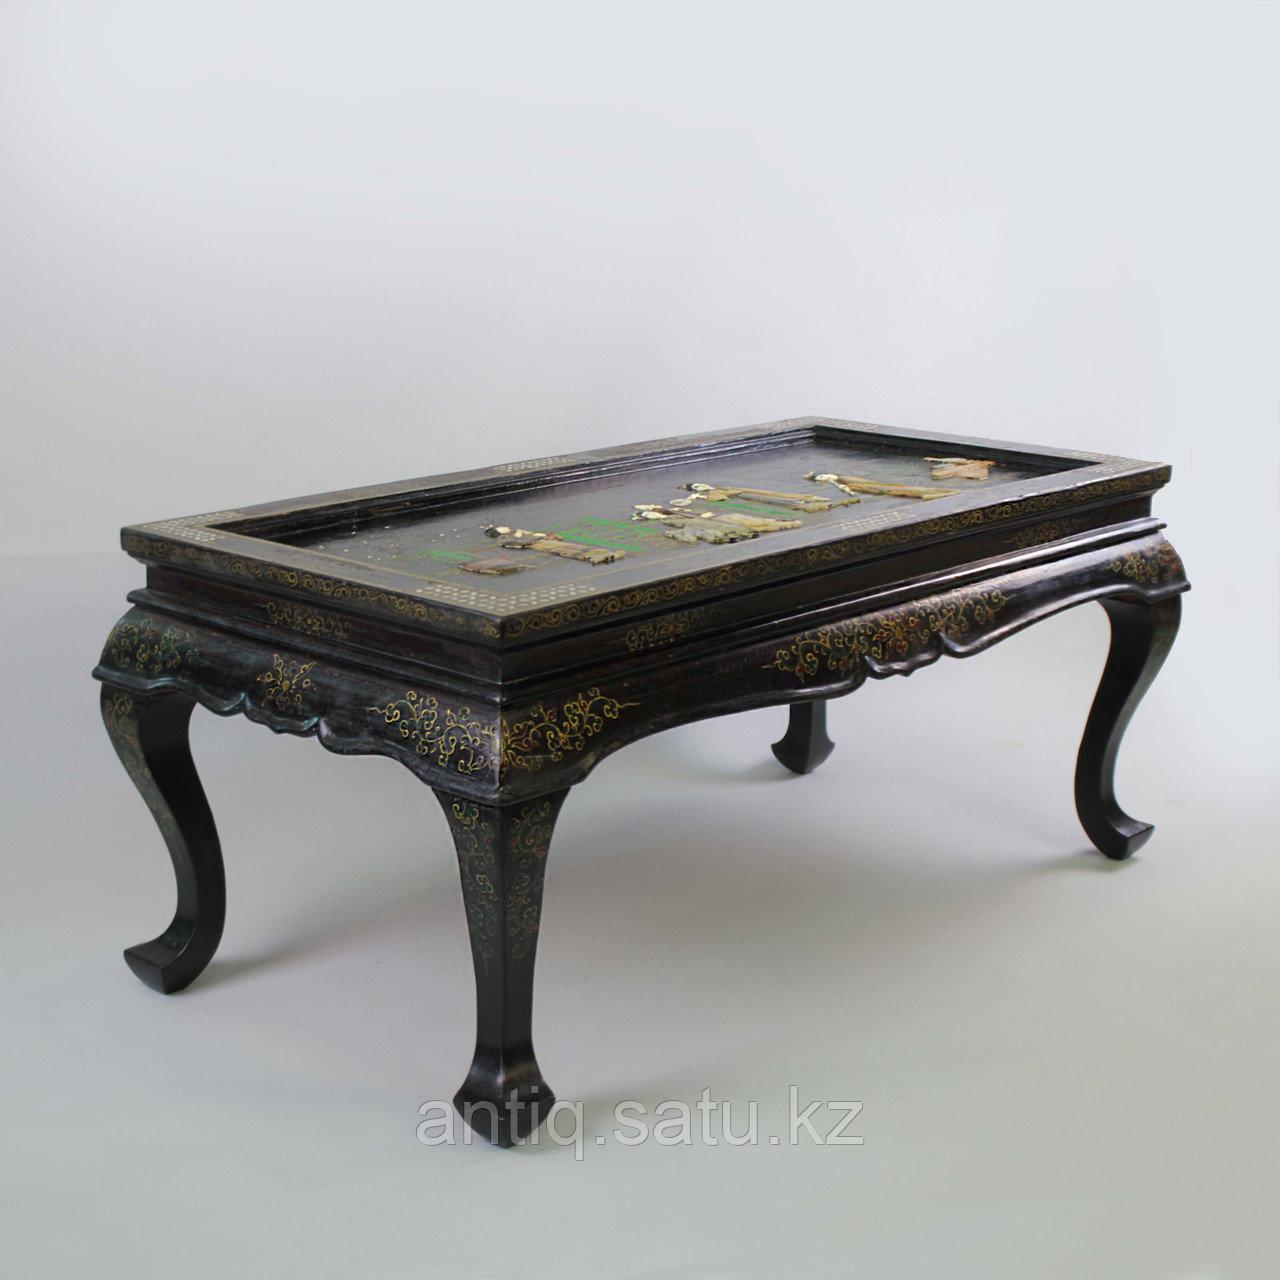 Китайский столик в классическом стиле - фото 4